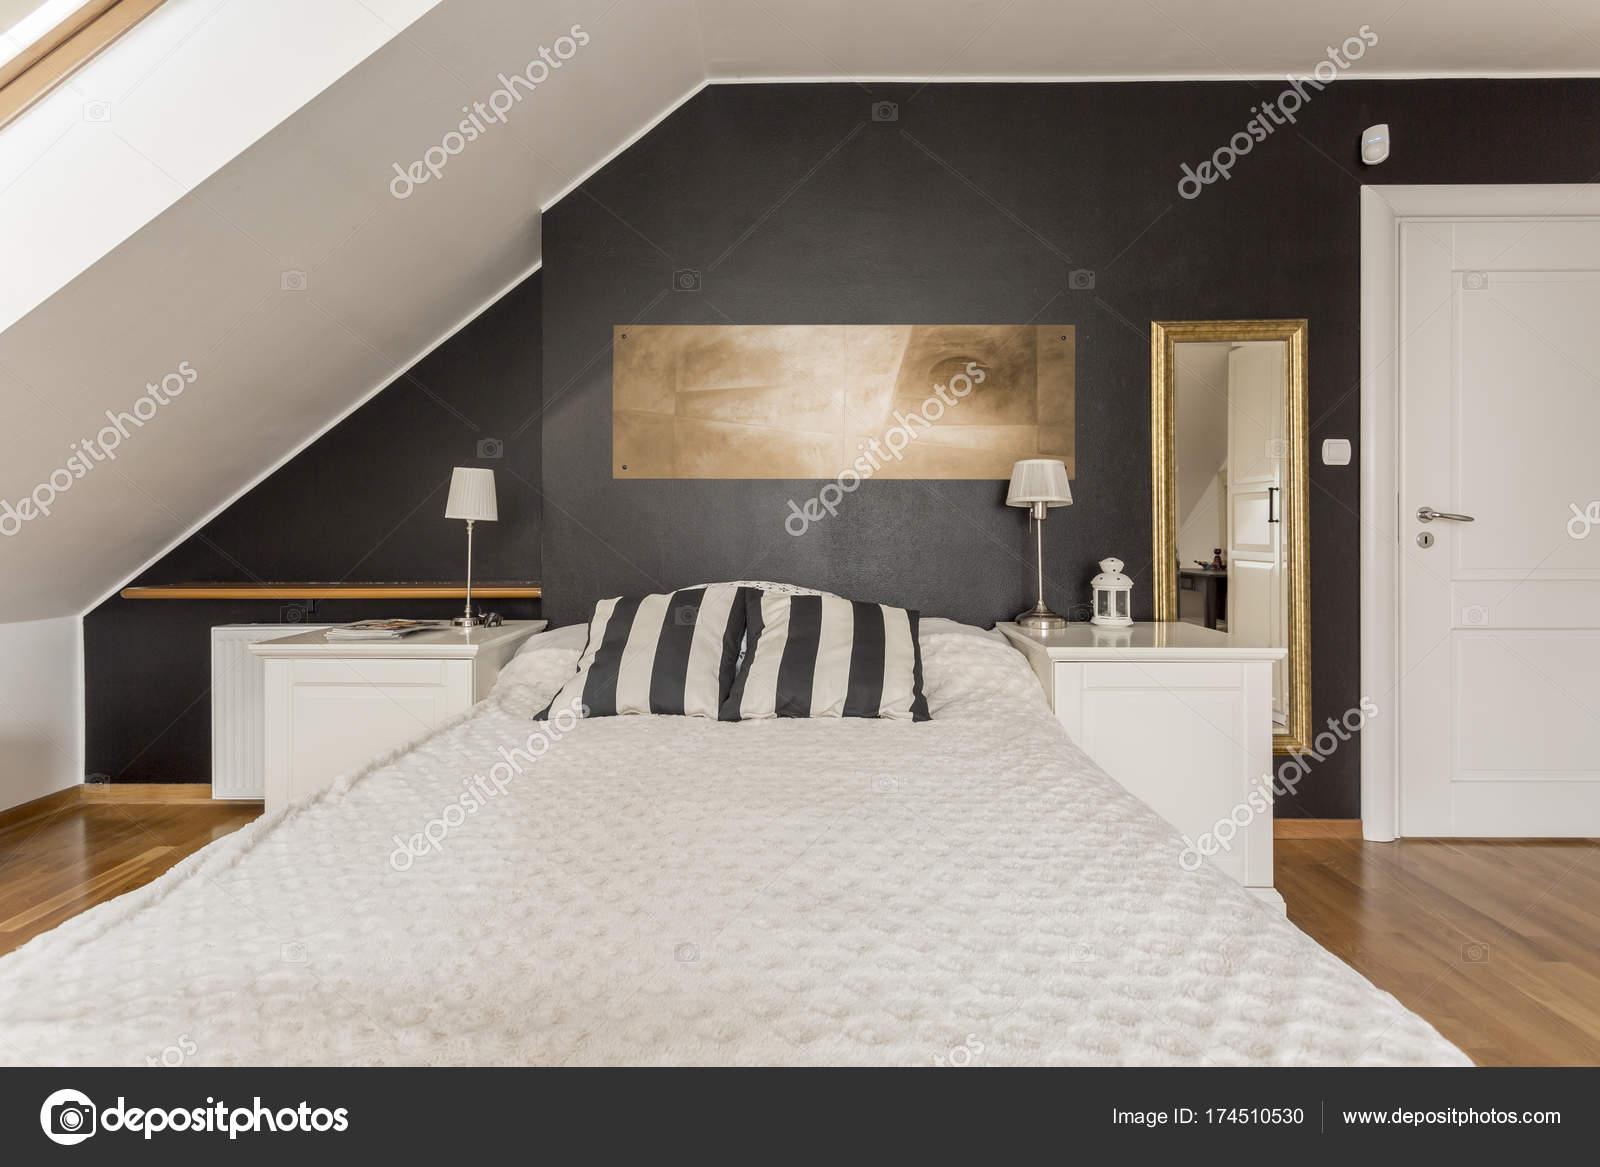 Posto letto in camera da letto in mansarda — Foto Stock ...